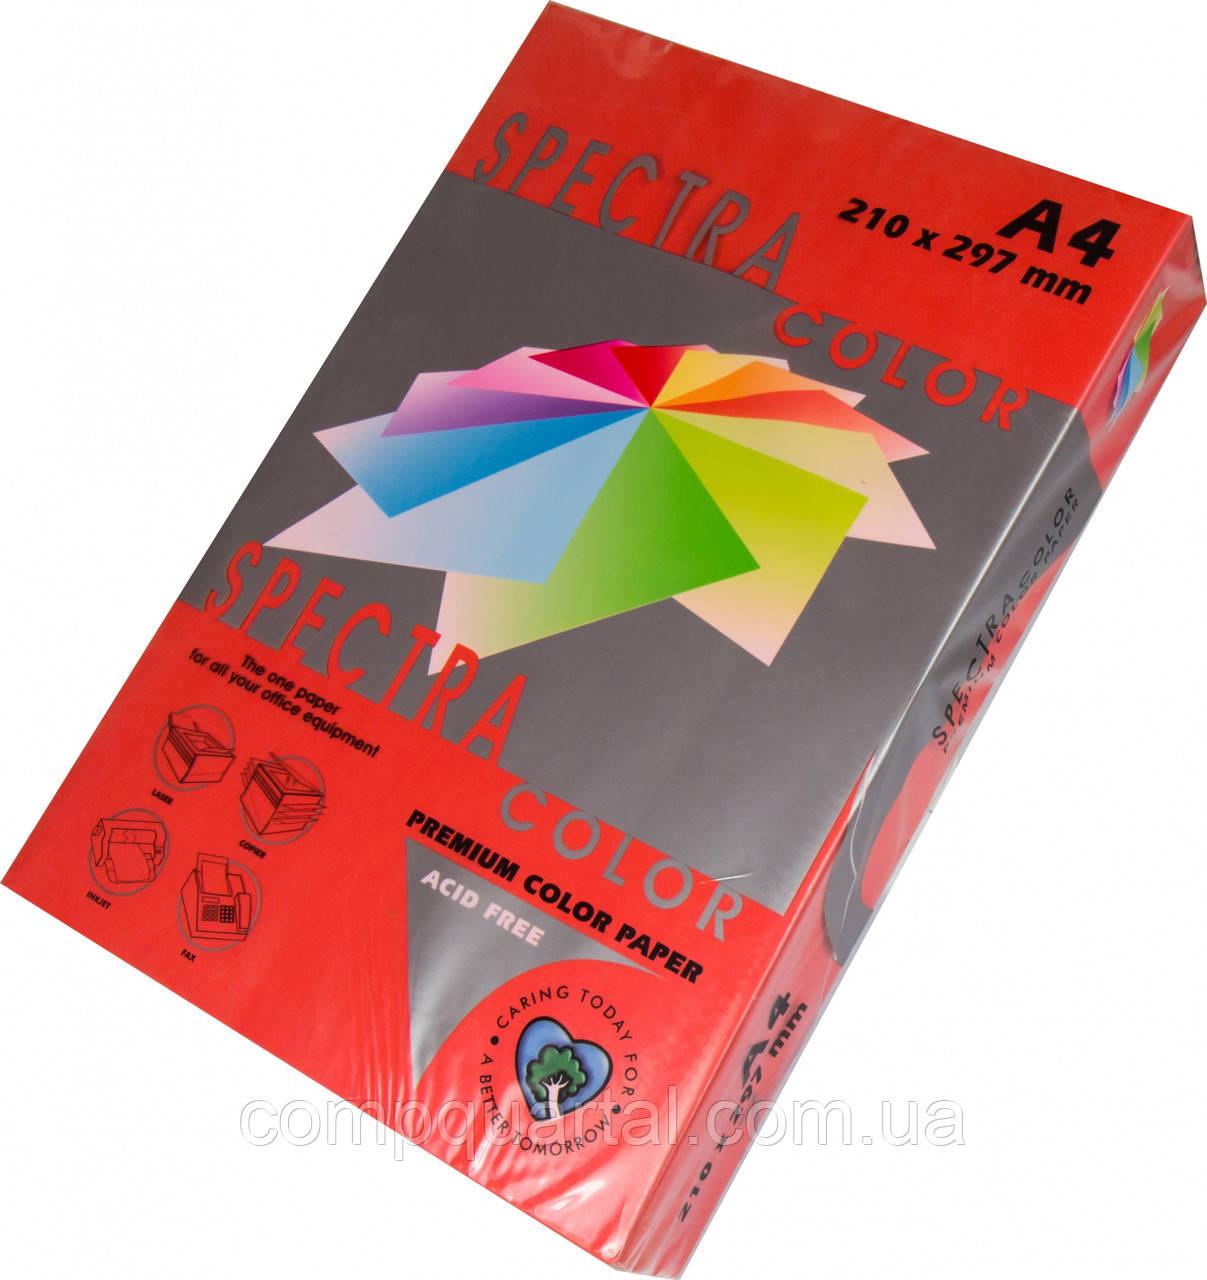 Папір кольоровий 80г/м, А4 500арк. SPECTRA COLOR IT 250 Red (Інтенсивний червоний)